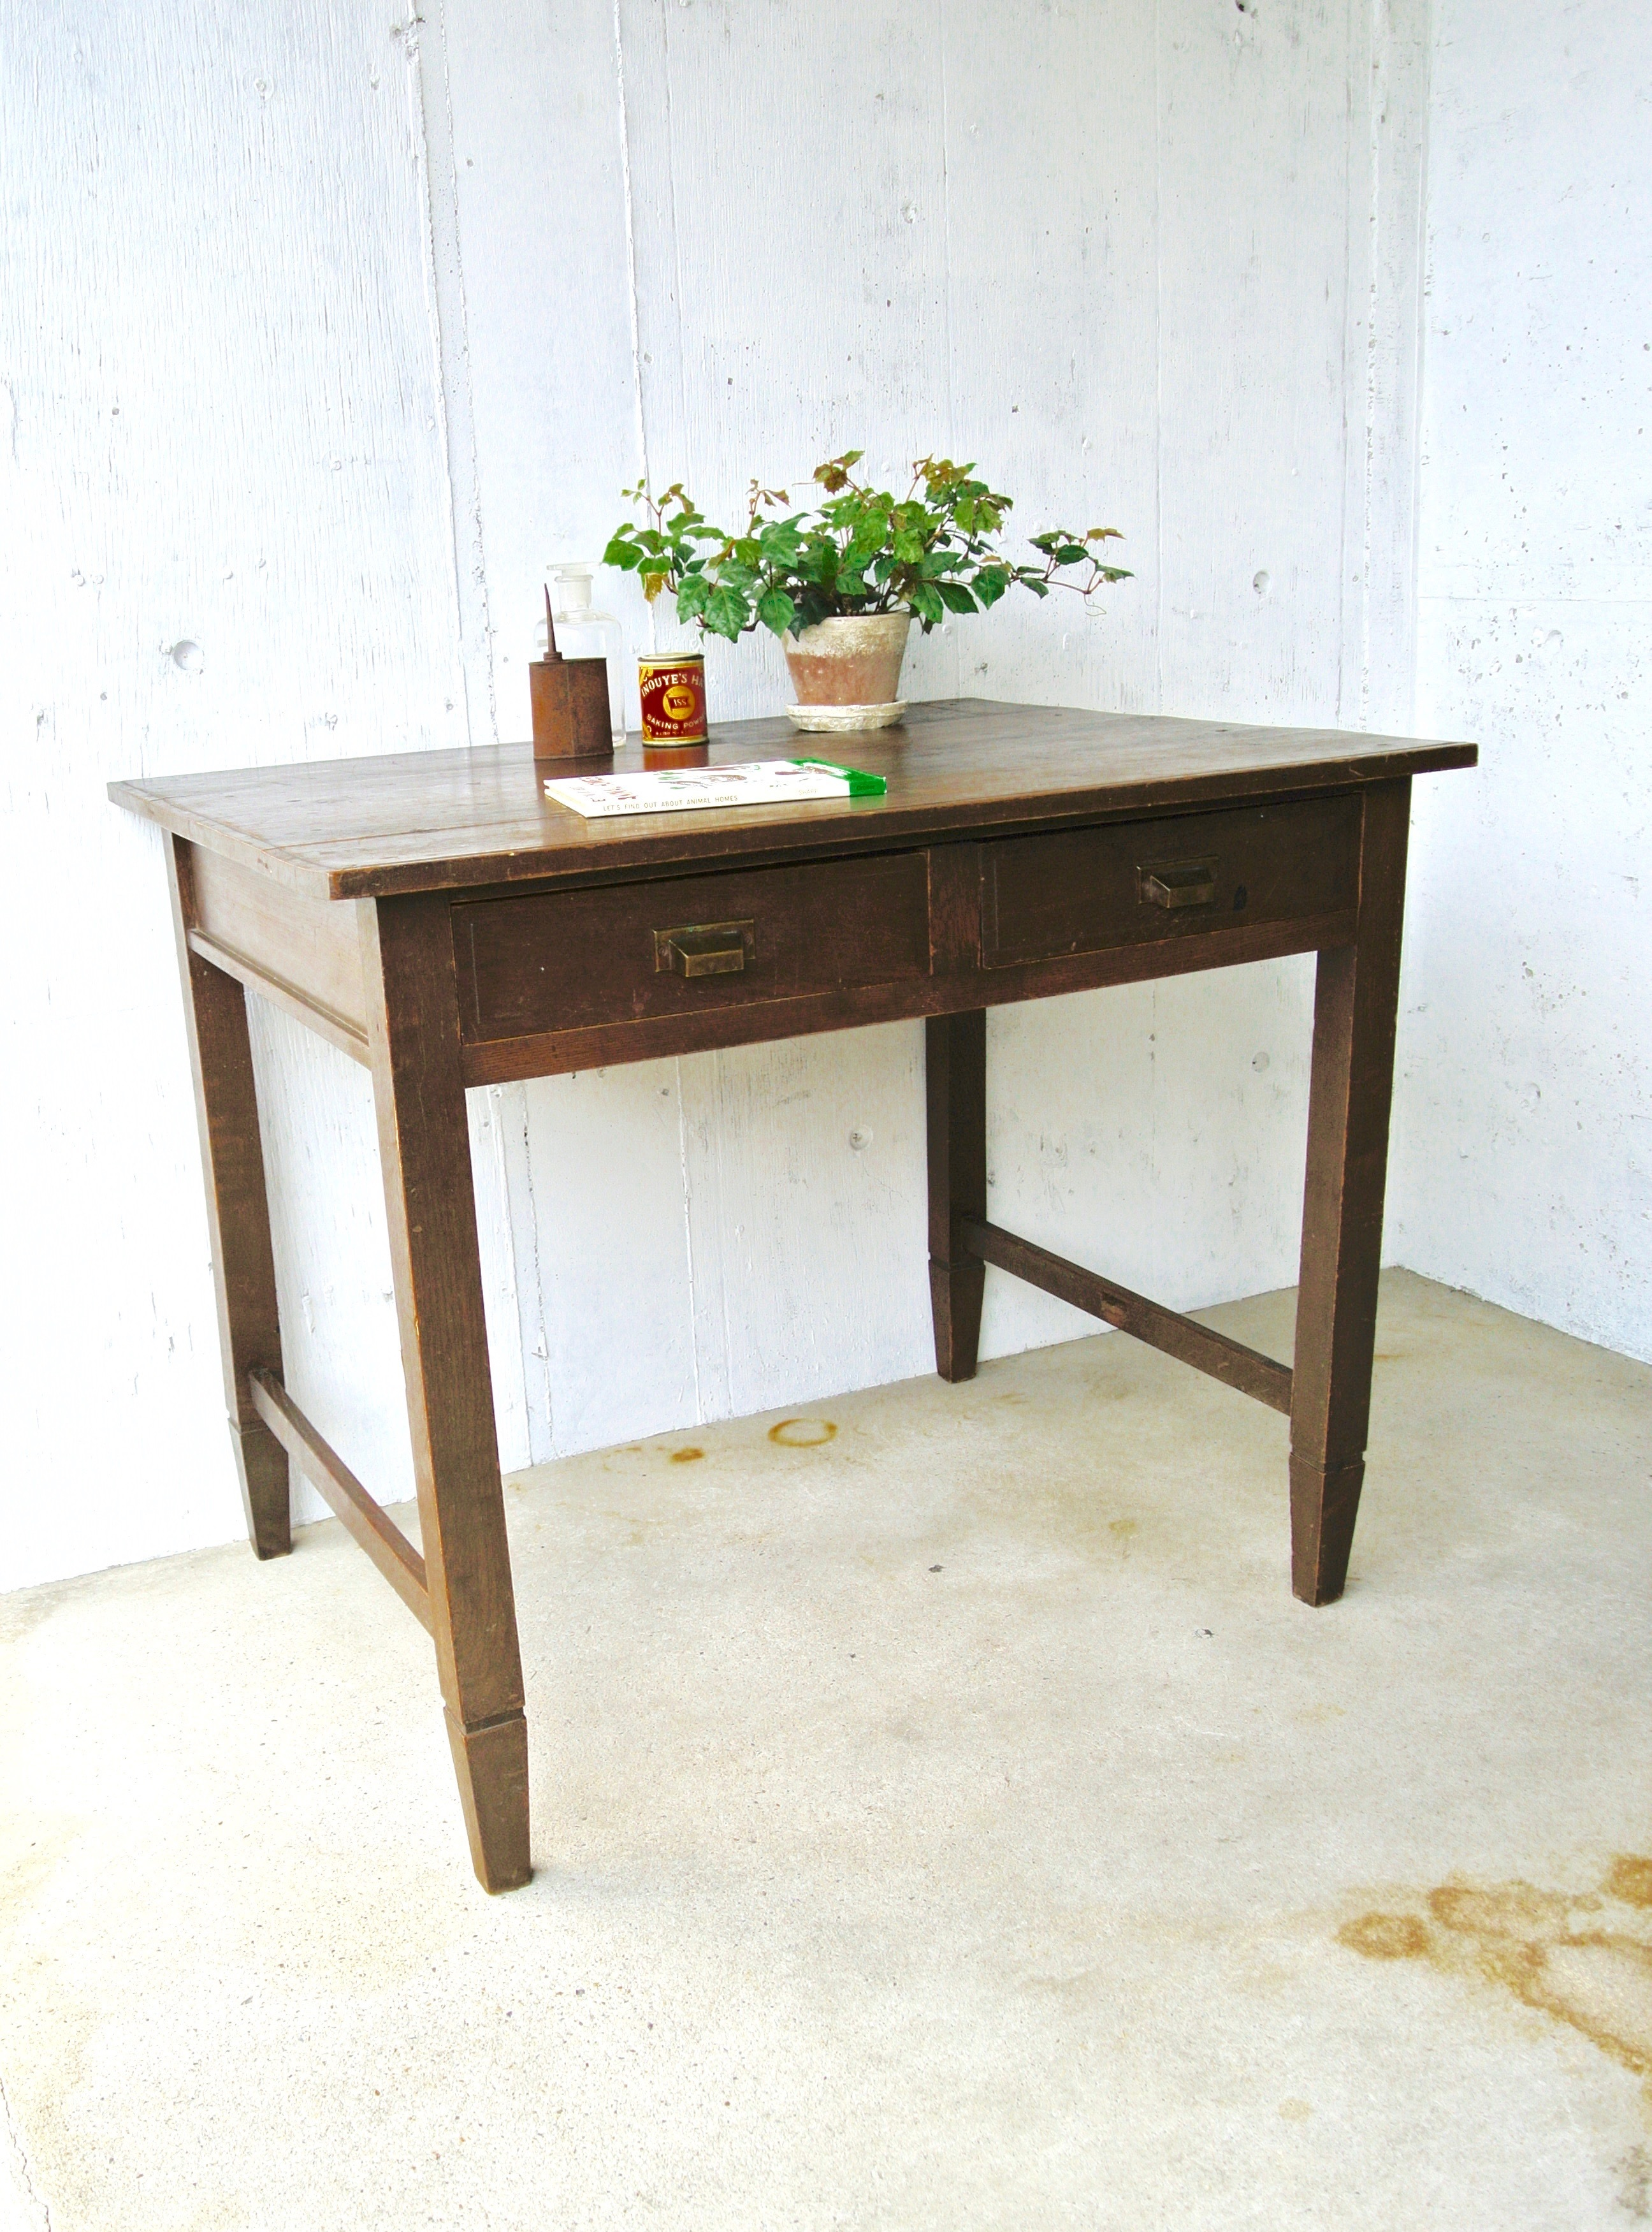 レトロな濃い木味のテーブル[古家具]